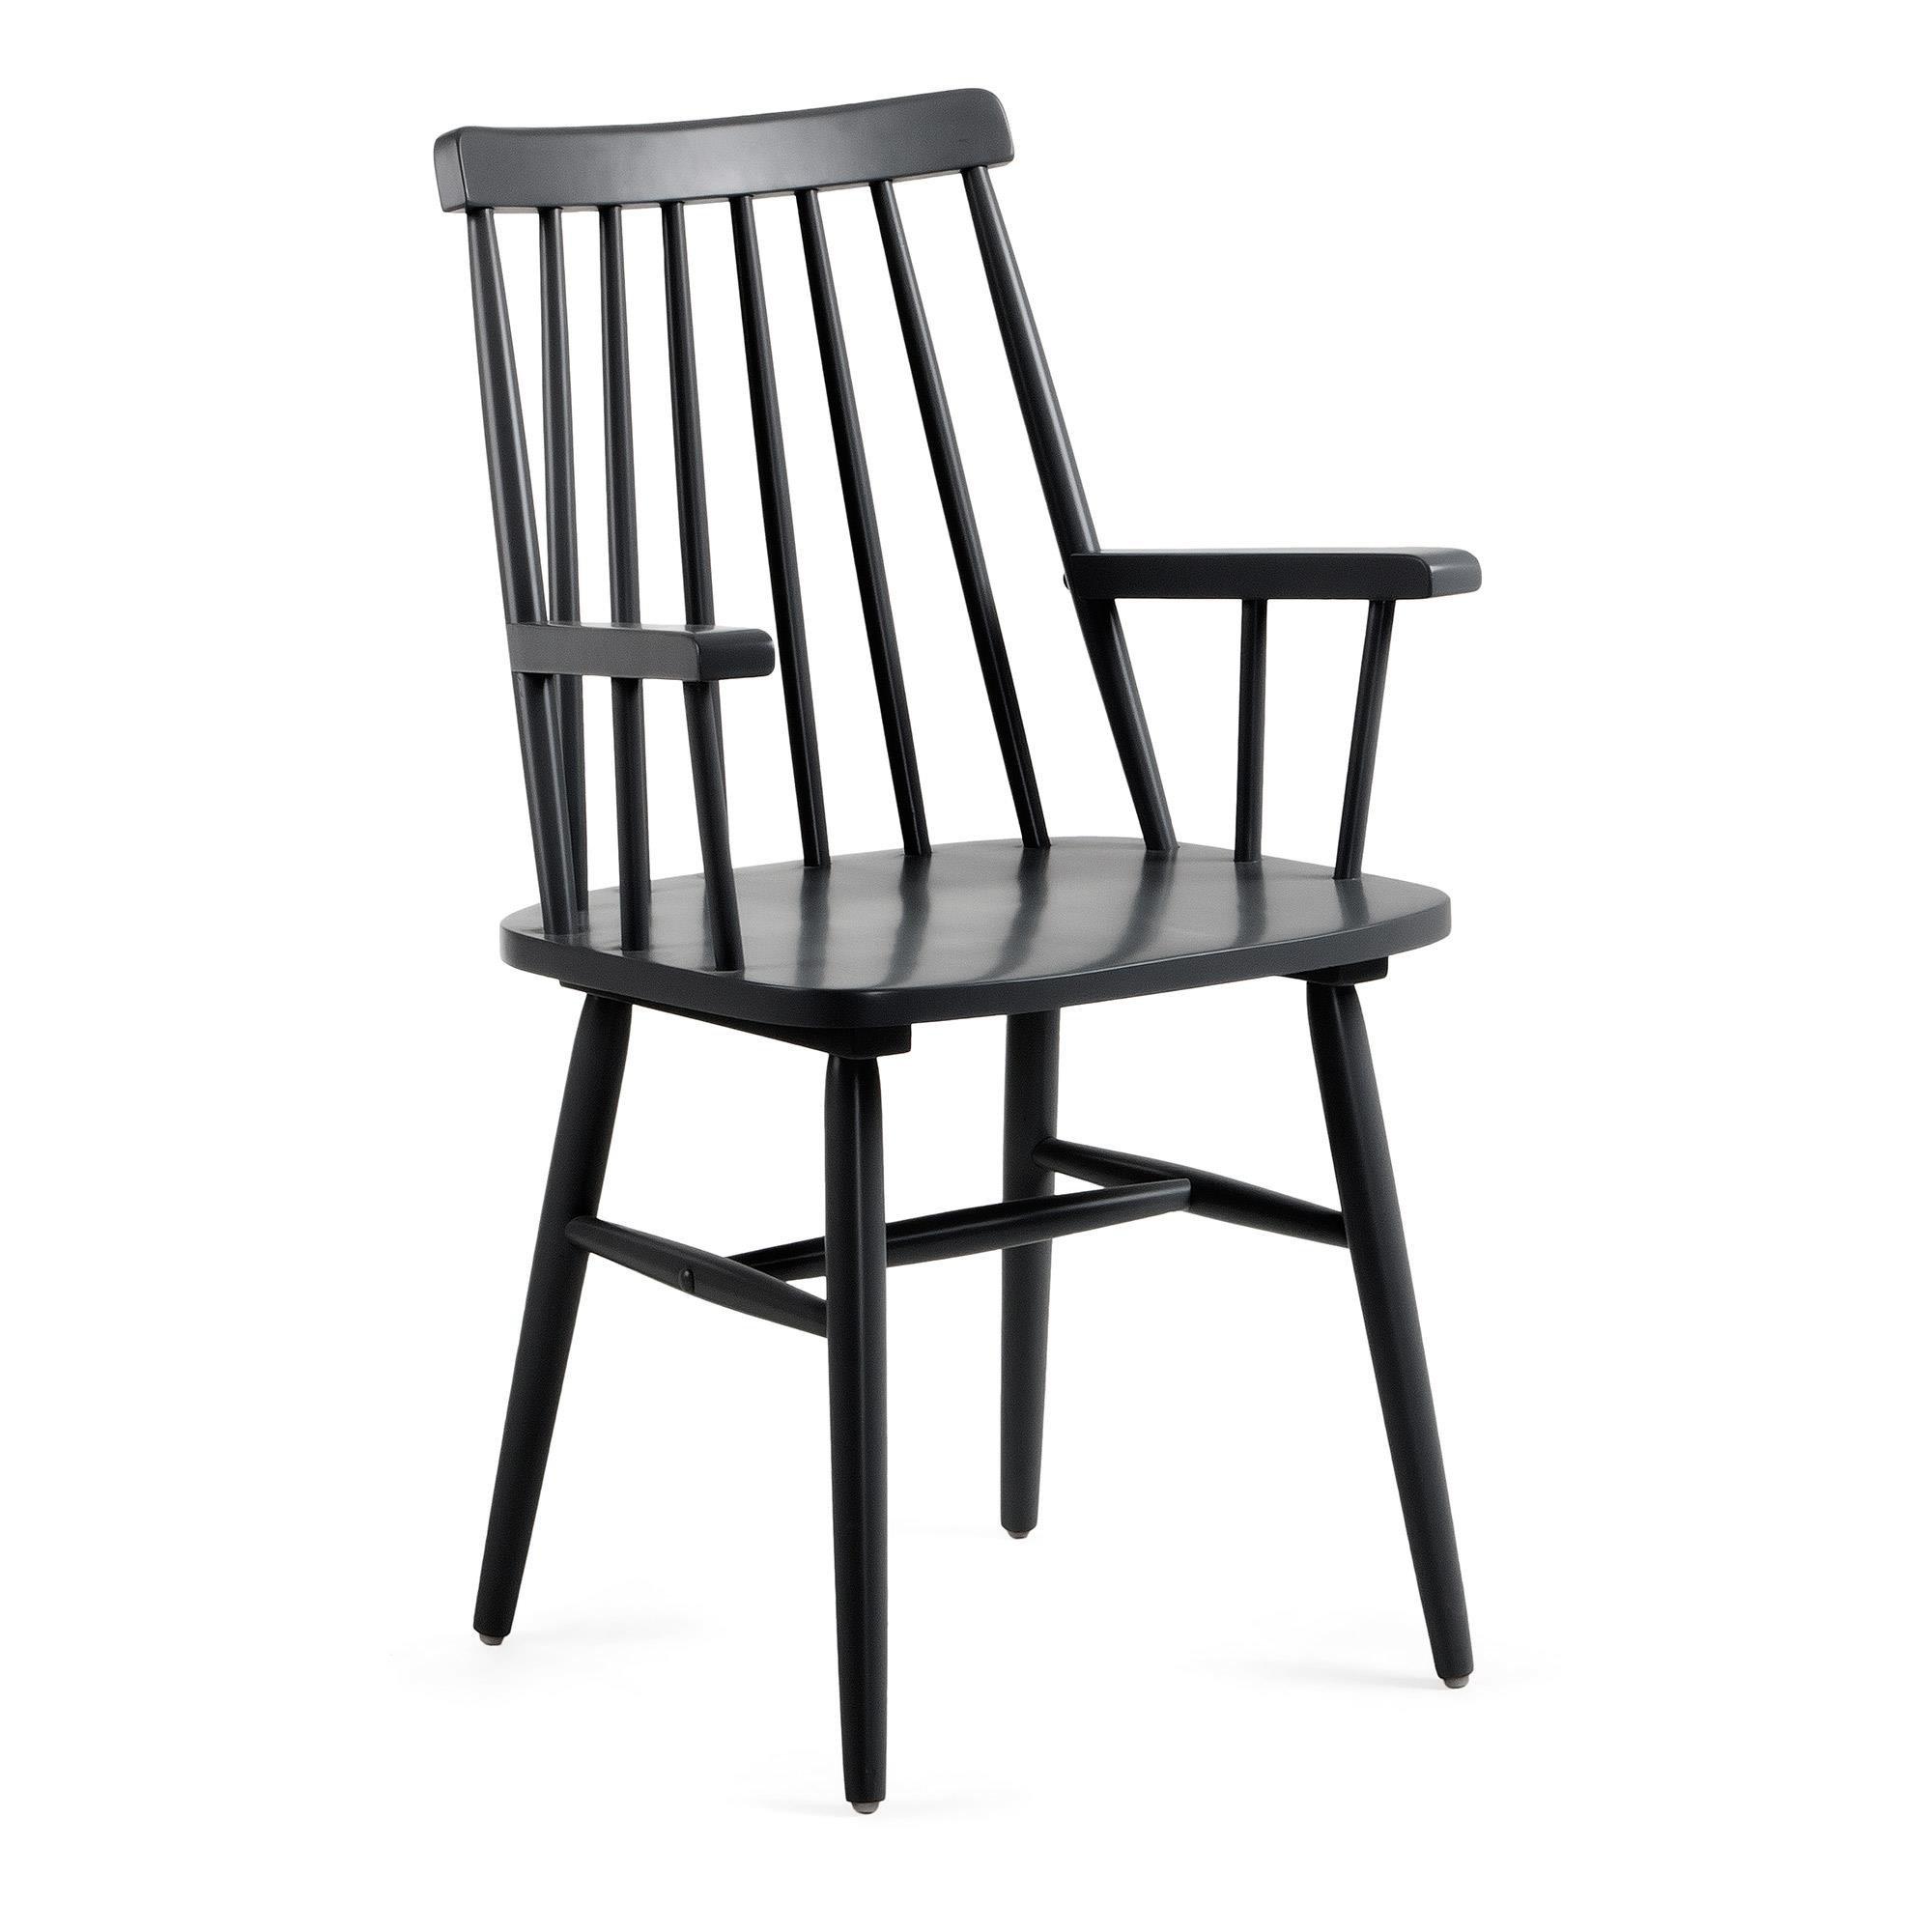 Krzesło ESTRA 53x51 kolor czarny